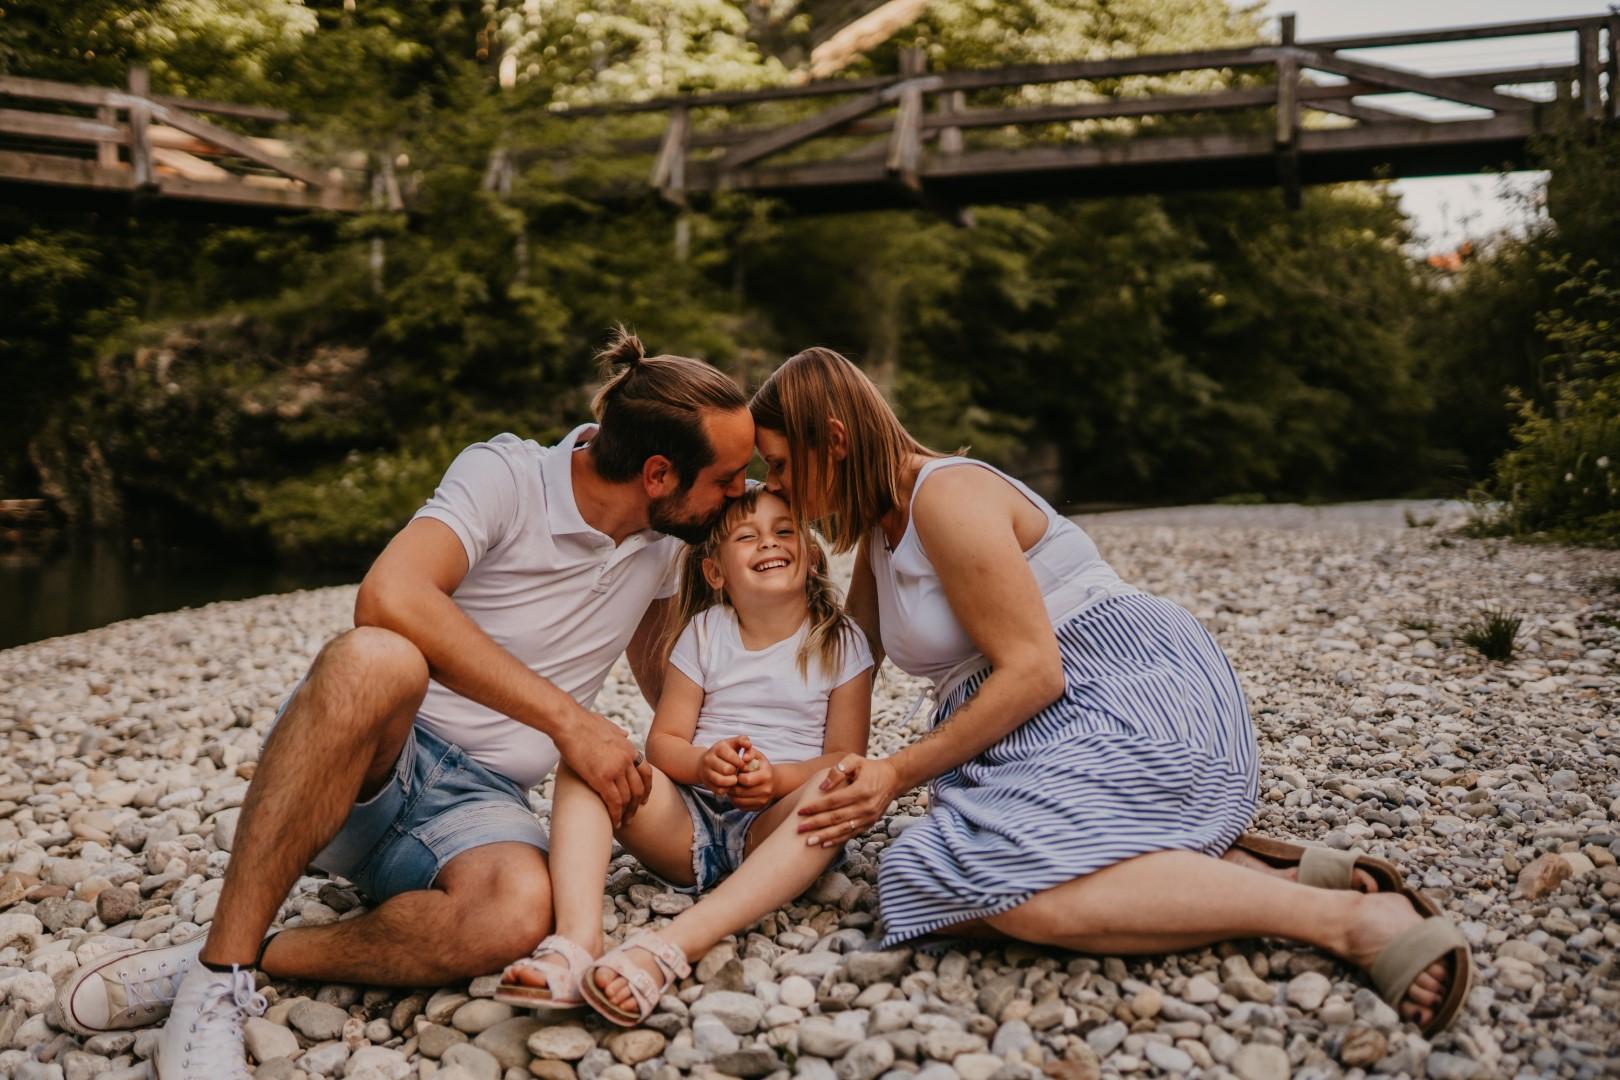 Družinsko fotografiranje – čustveni spomini!